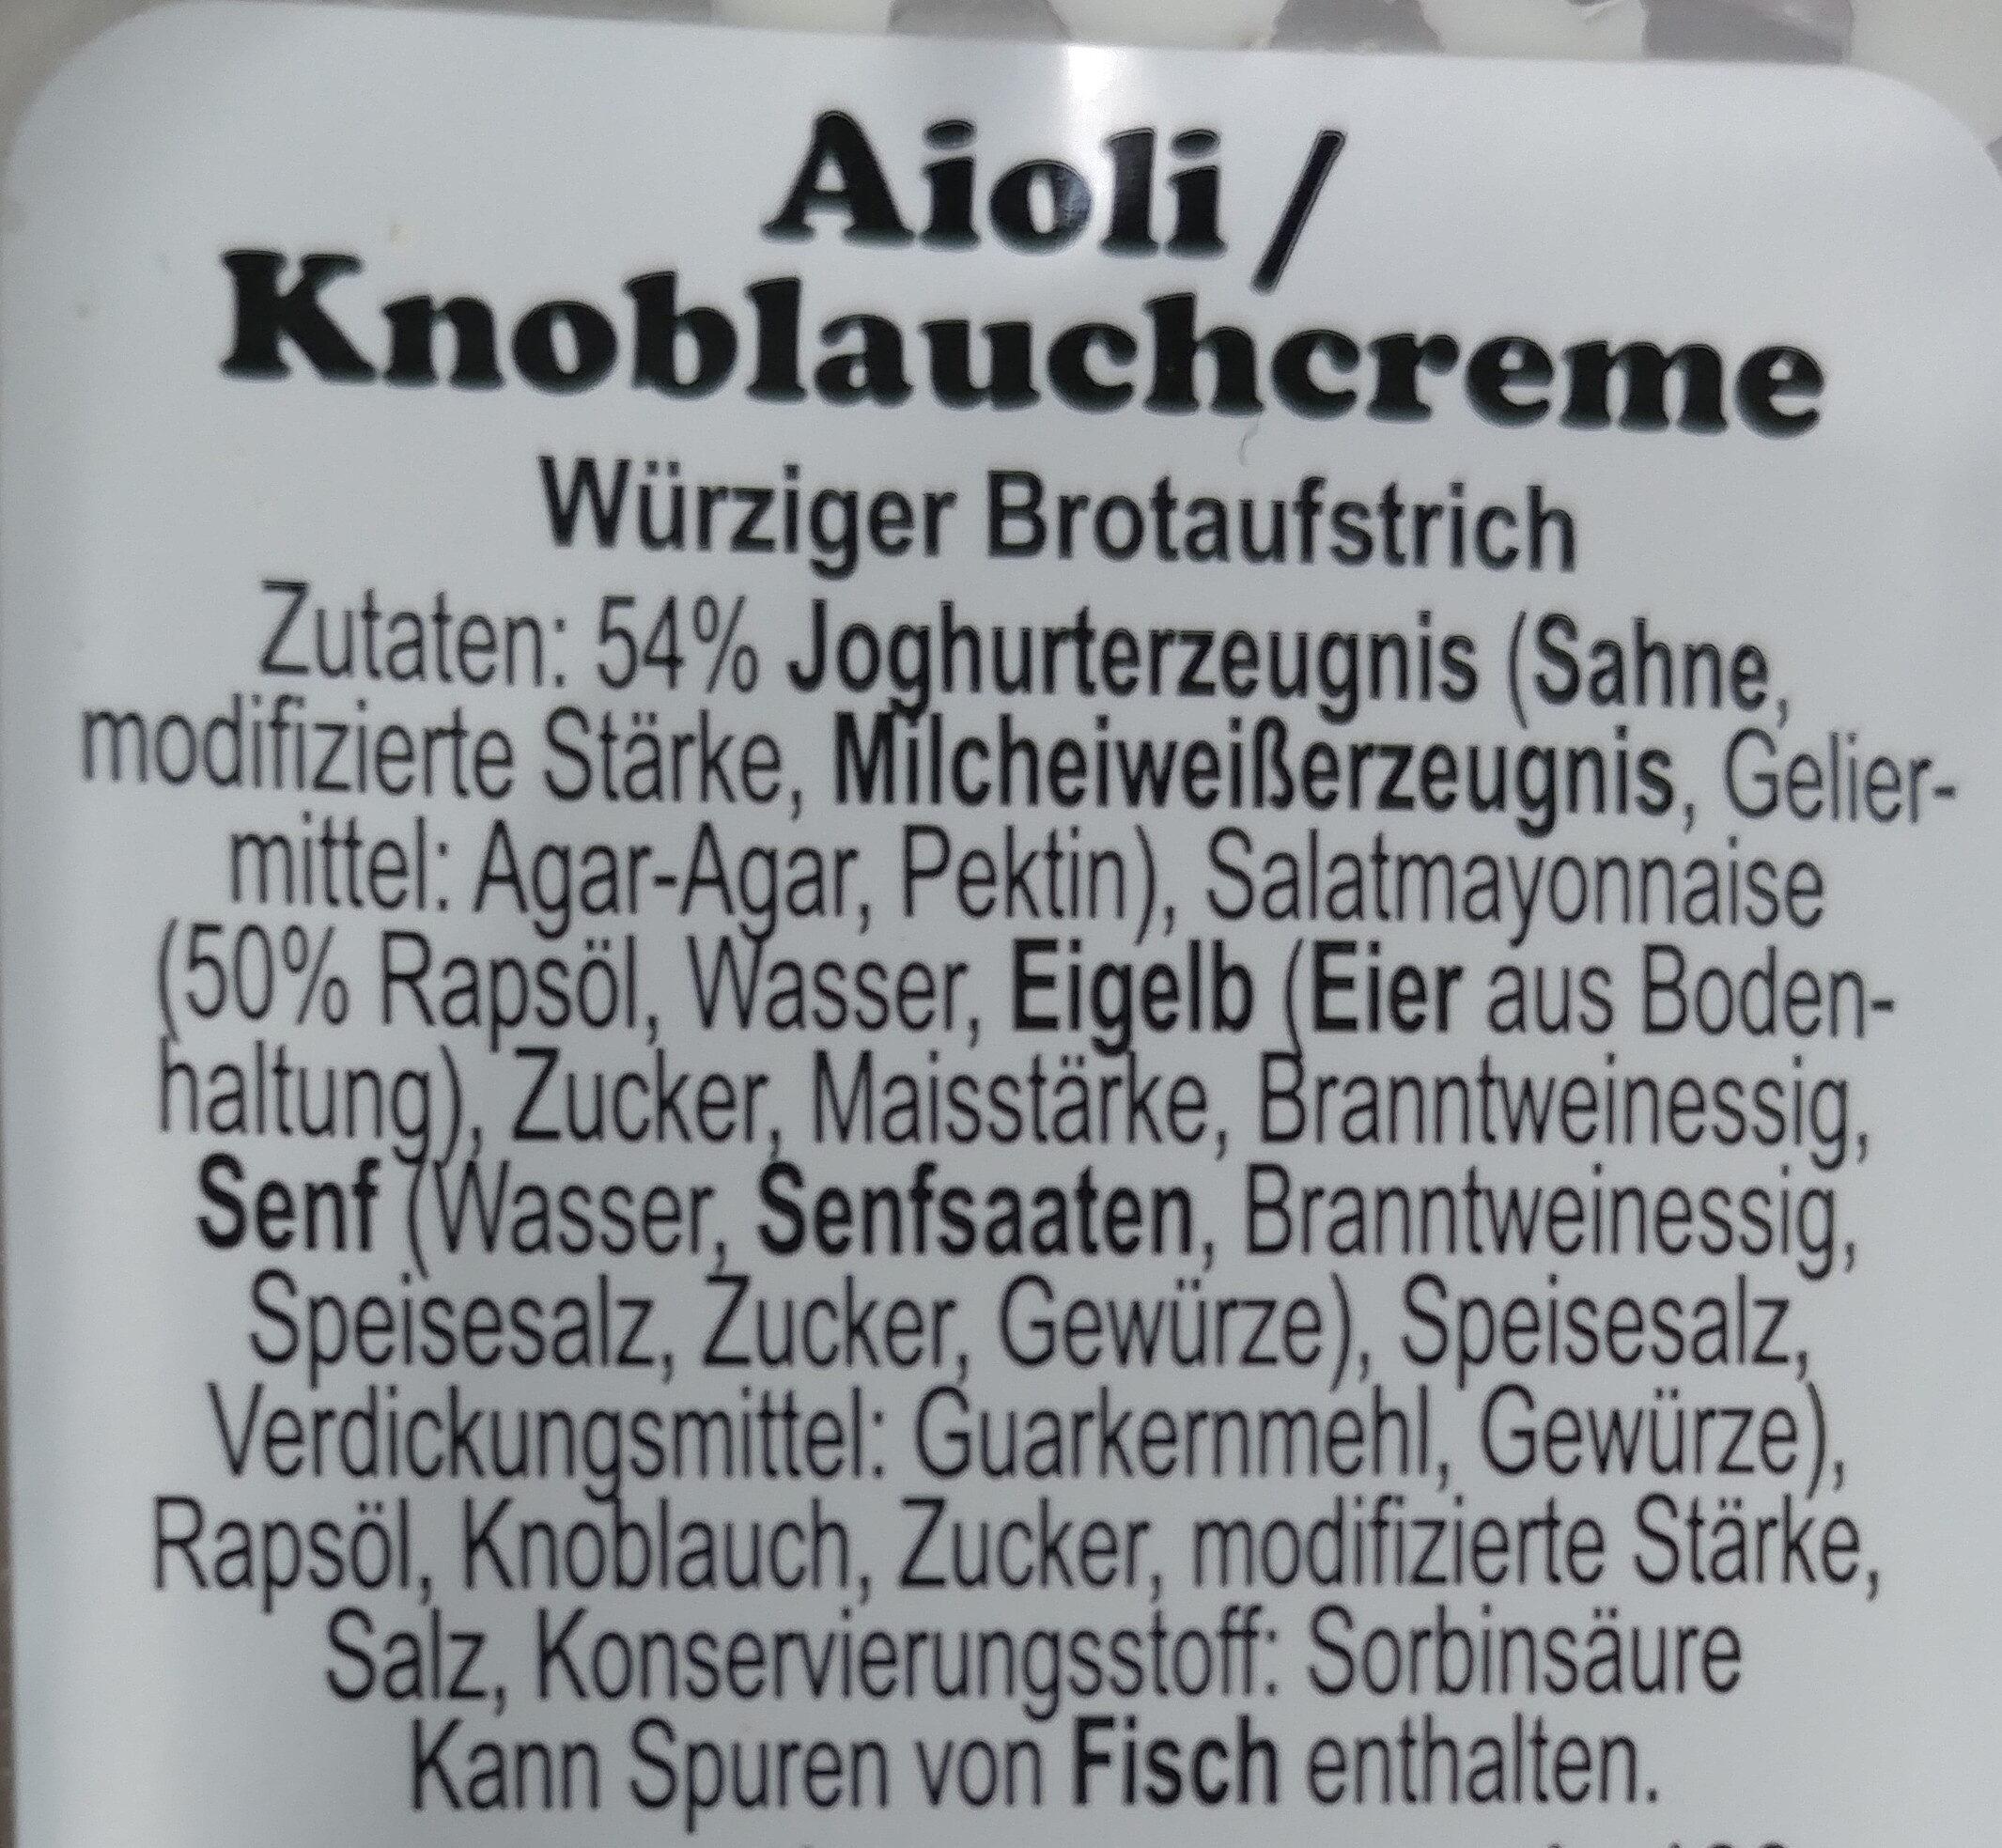 Aioli knoblauch creme - Ingrédients - de